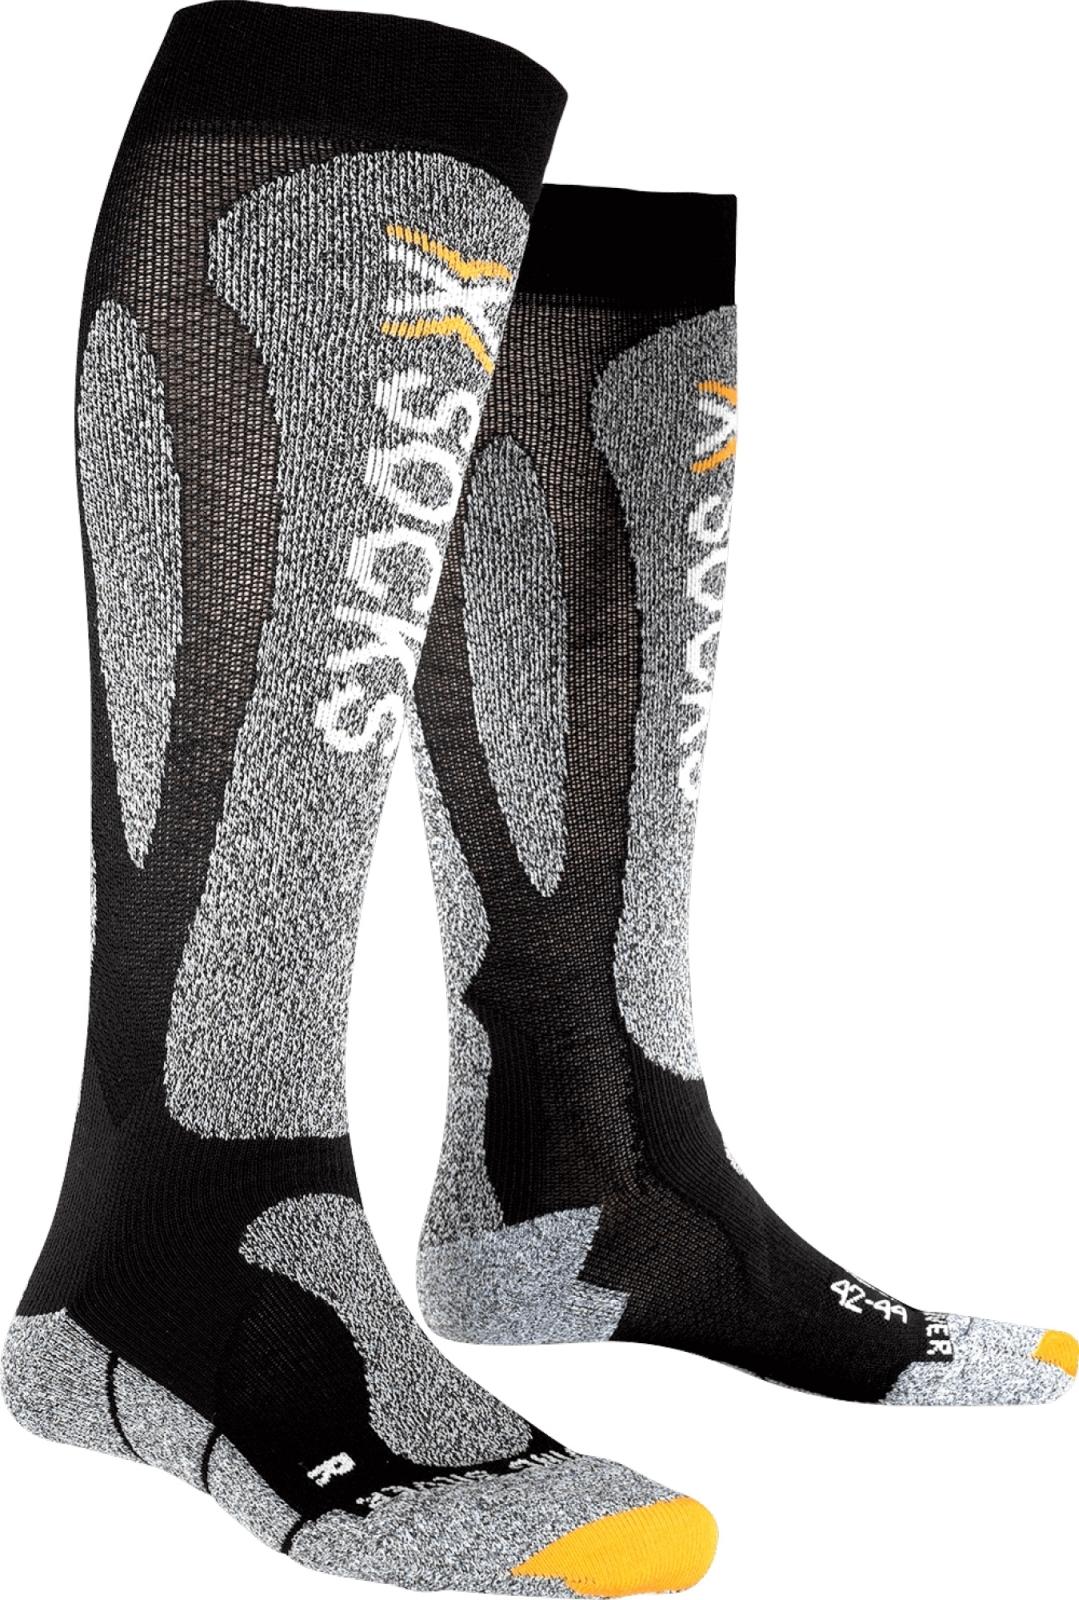 X-Socks Ski Carving Silver Socks Men - Black/Grey Melange 39-41